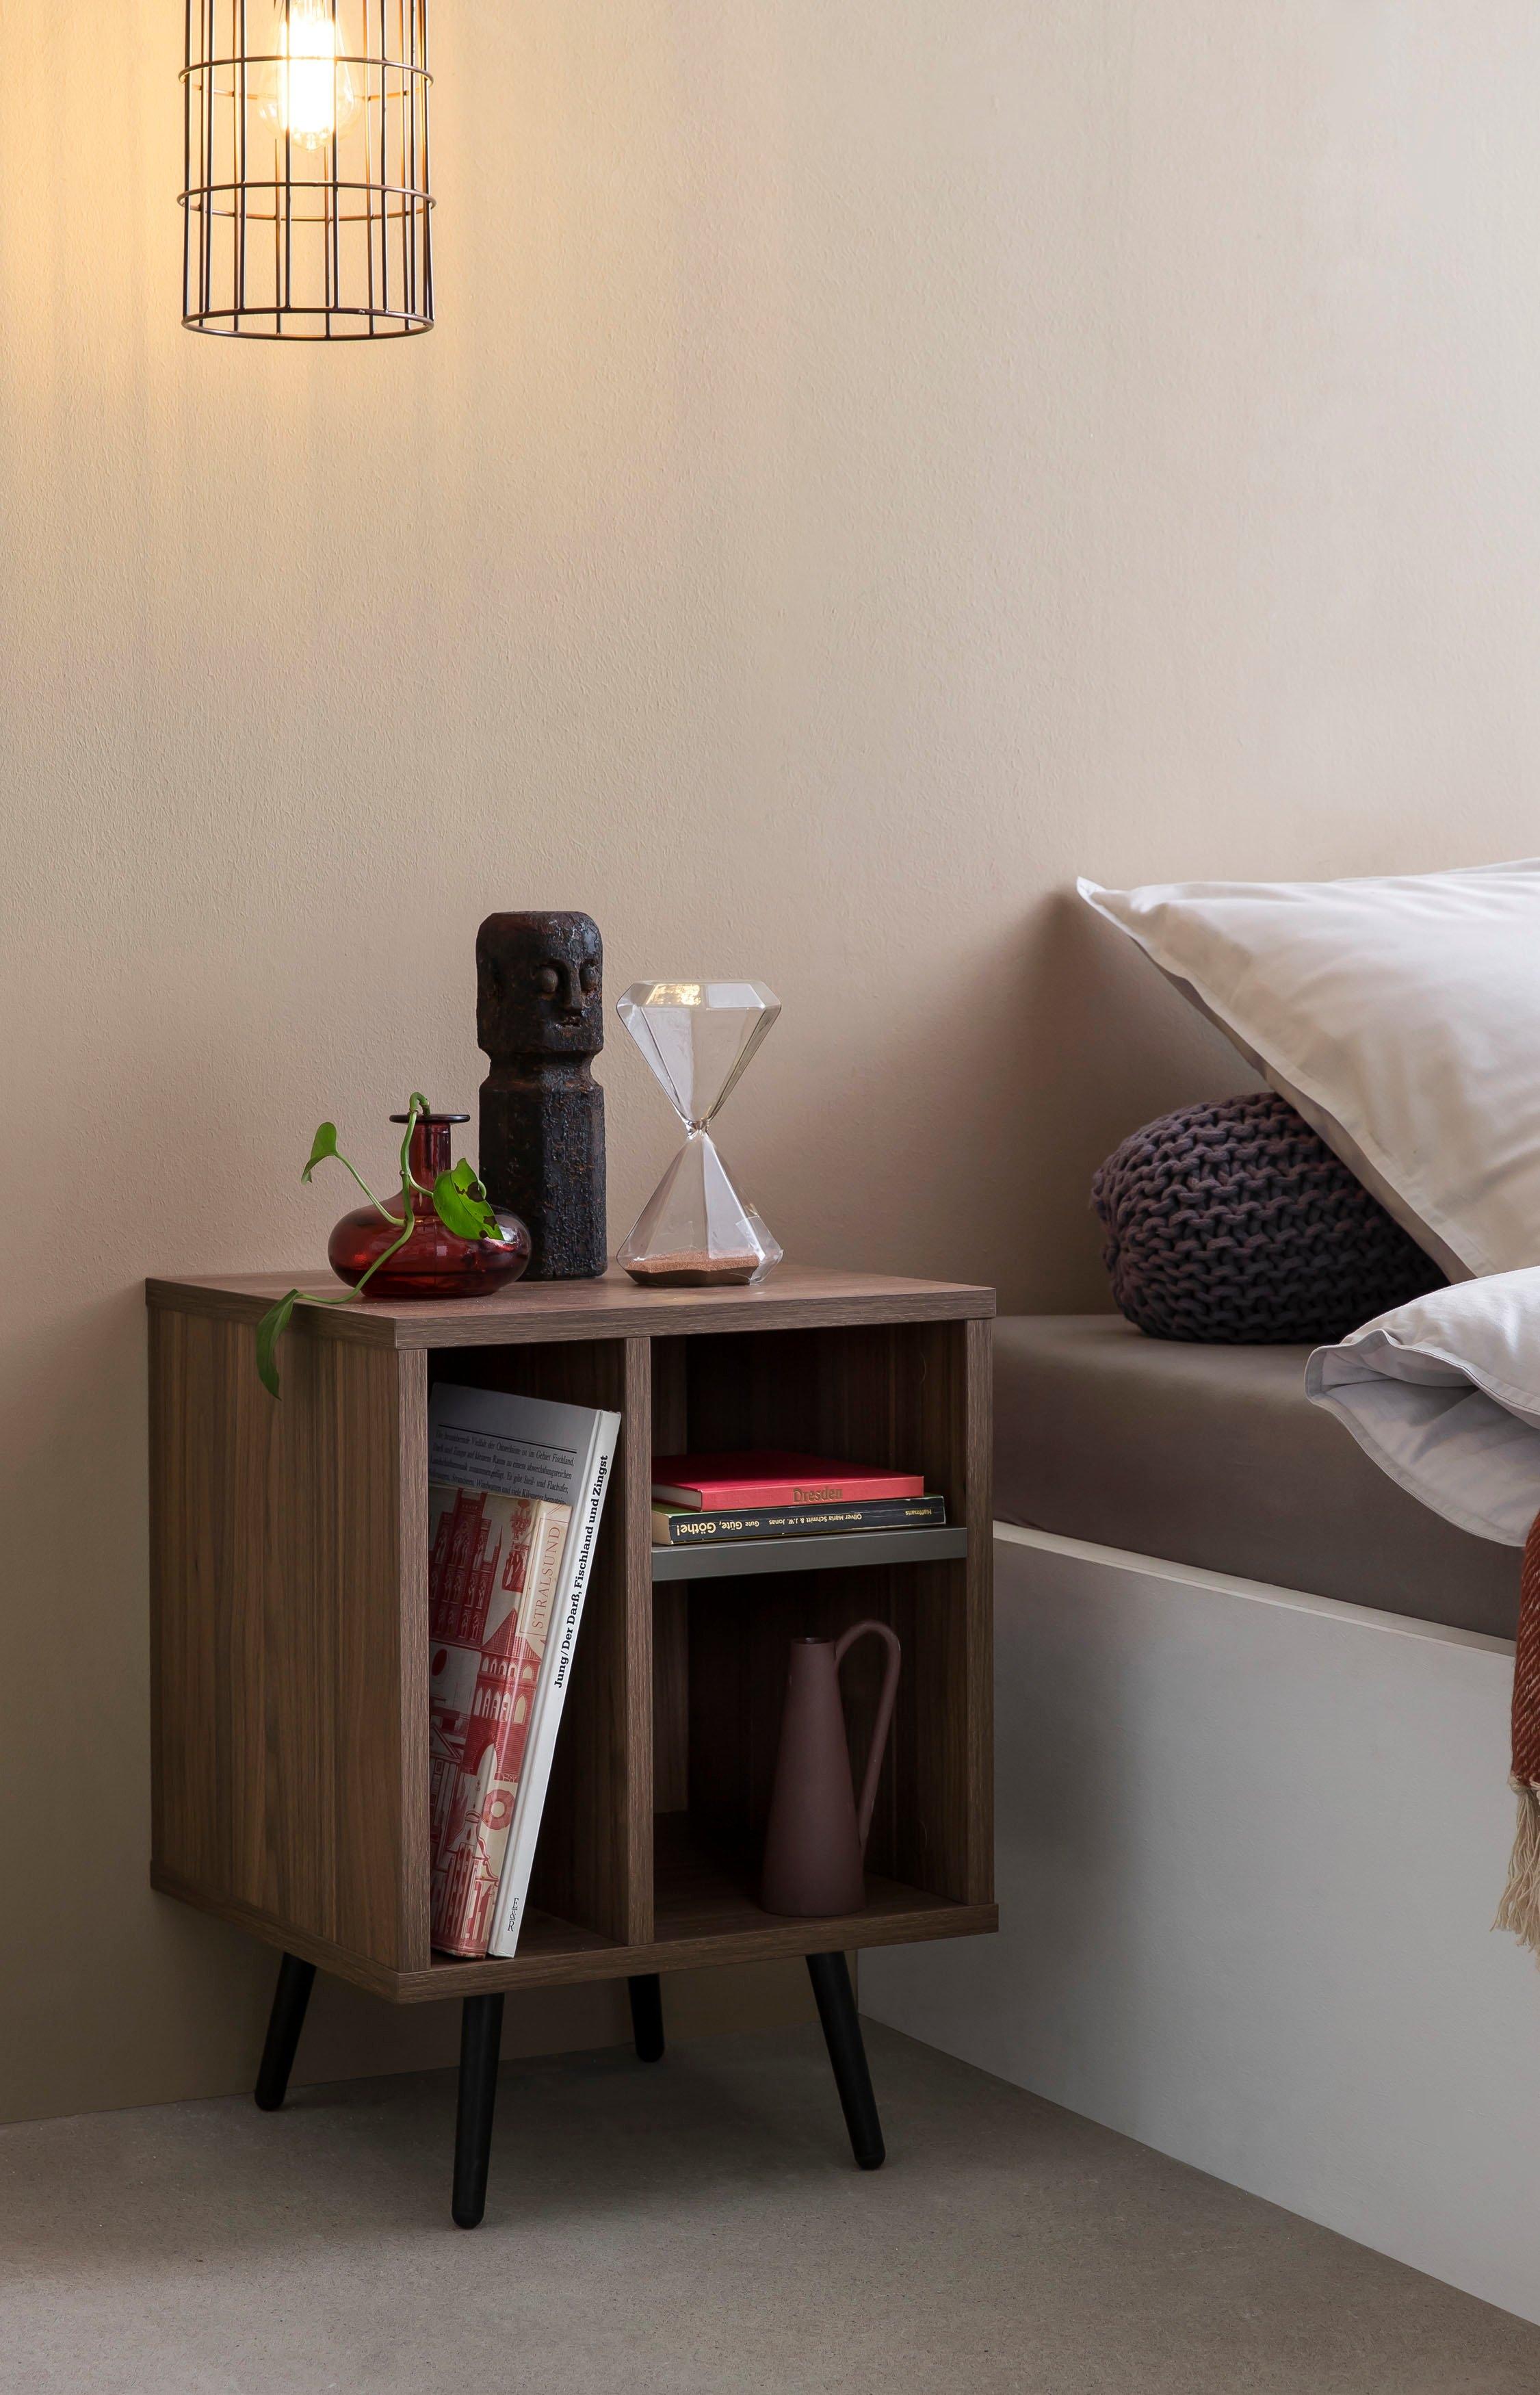 SalesFever nachtkastje in moderne kleurencombinatie van walnoot en grijs - gratis ruilen op otto.nl